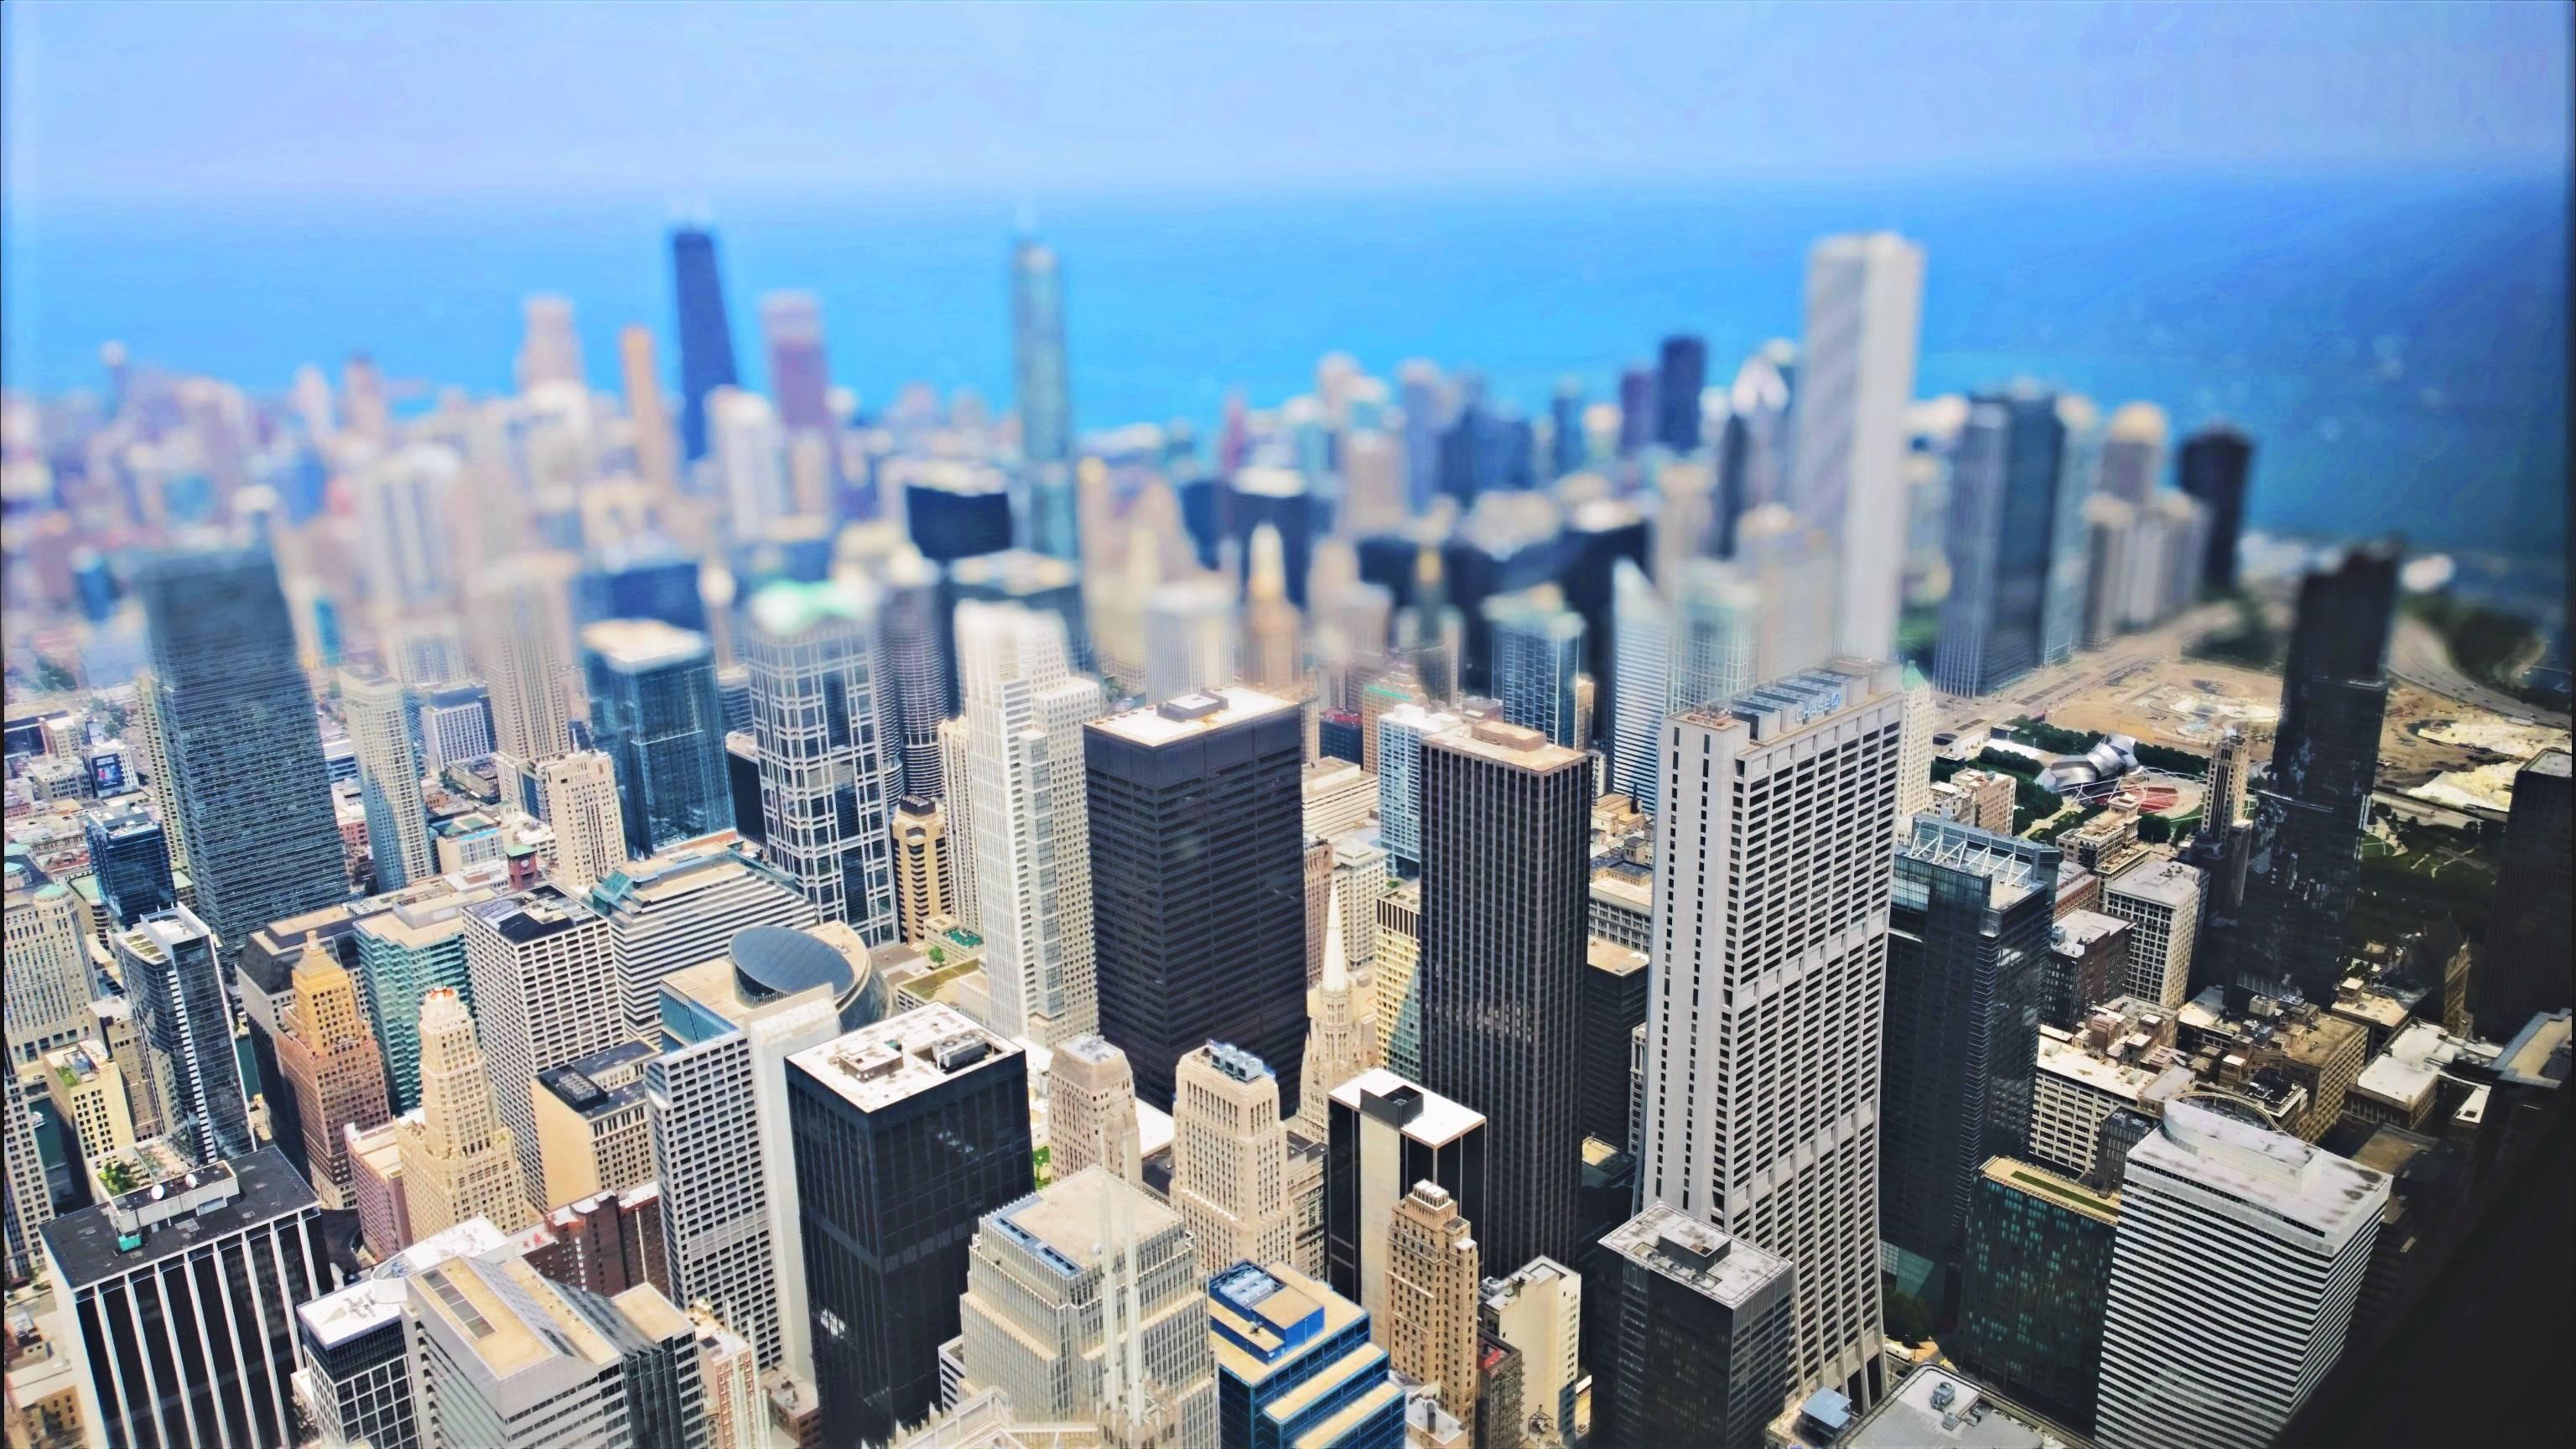 Chicago tilt shift photo